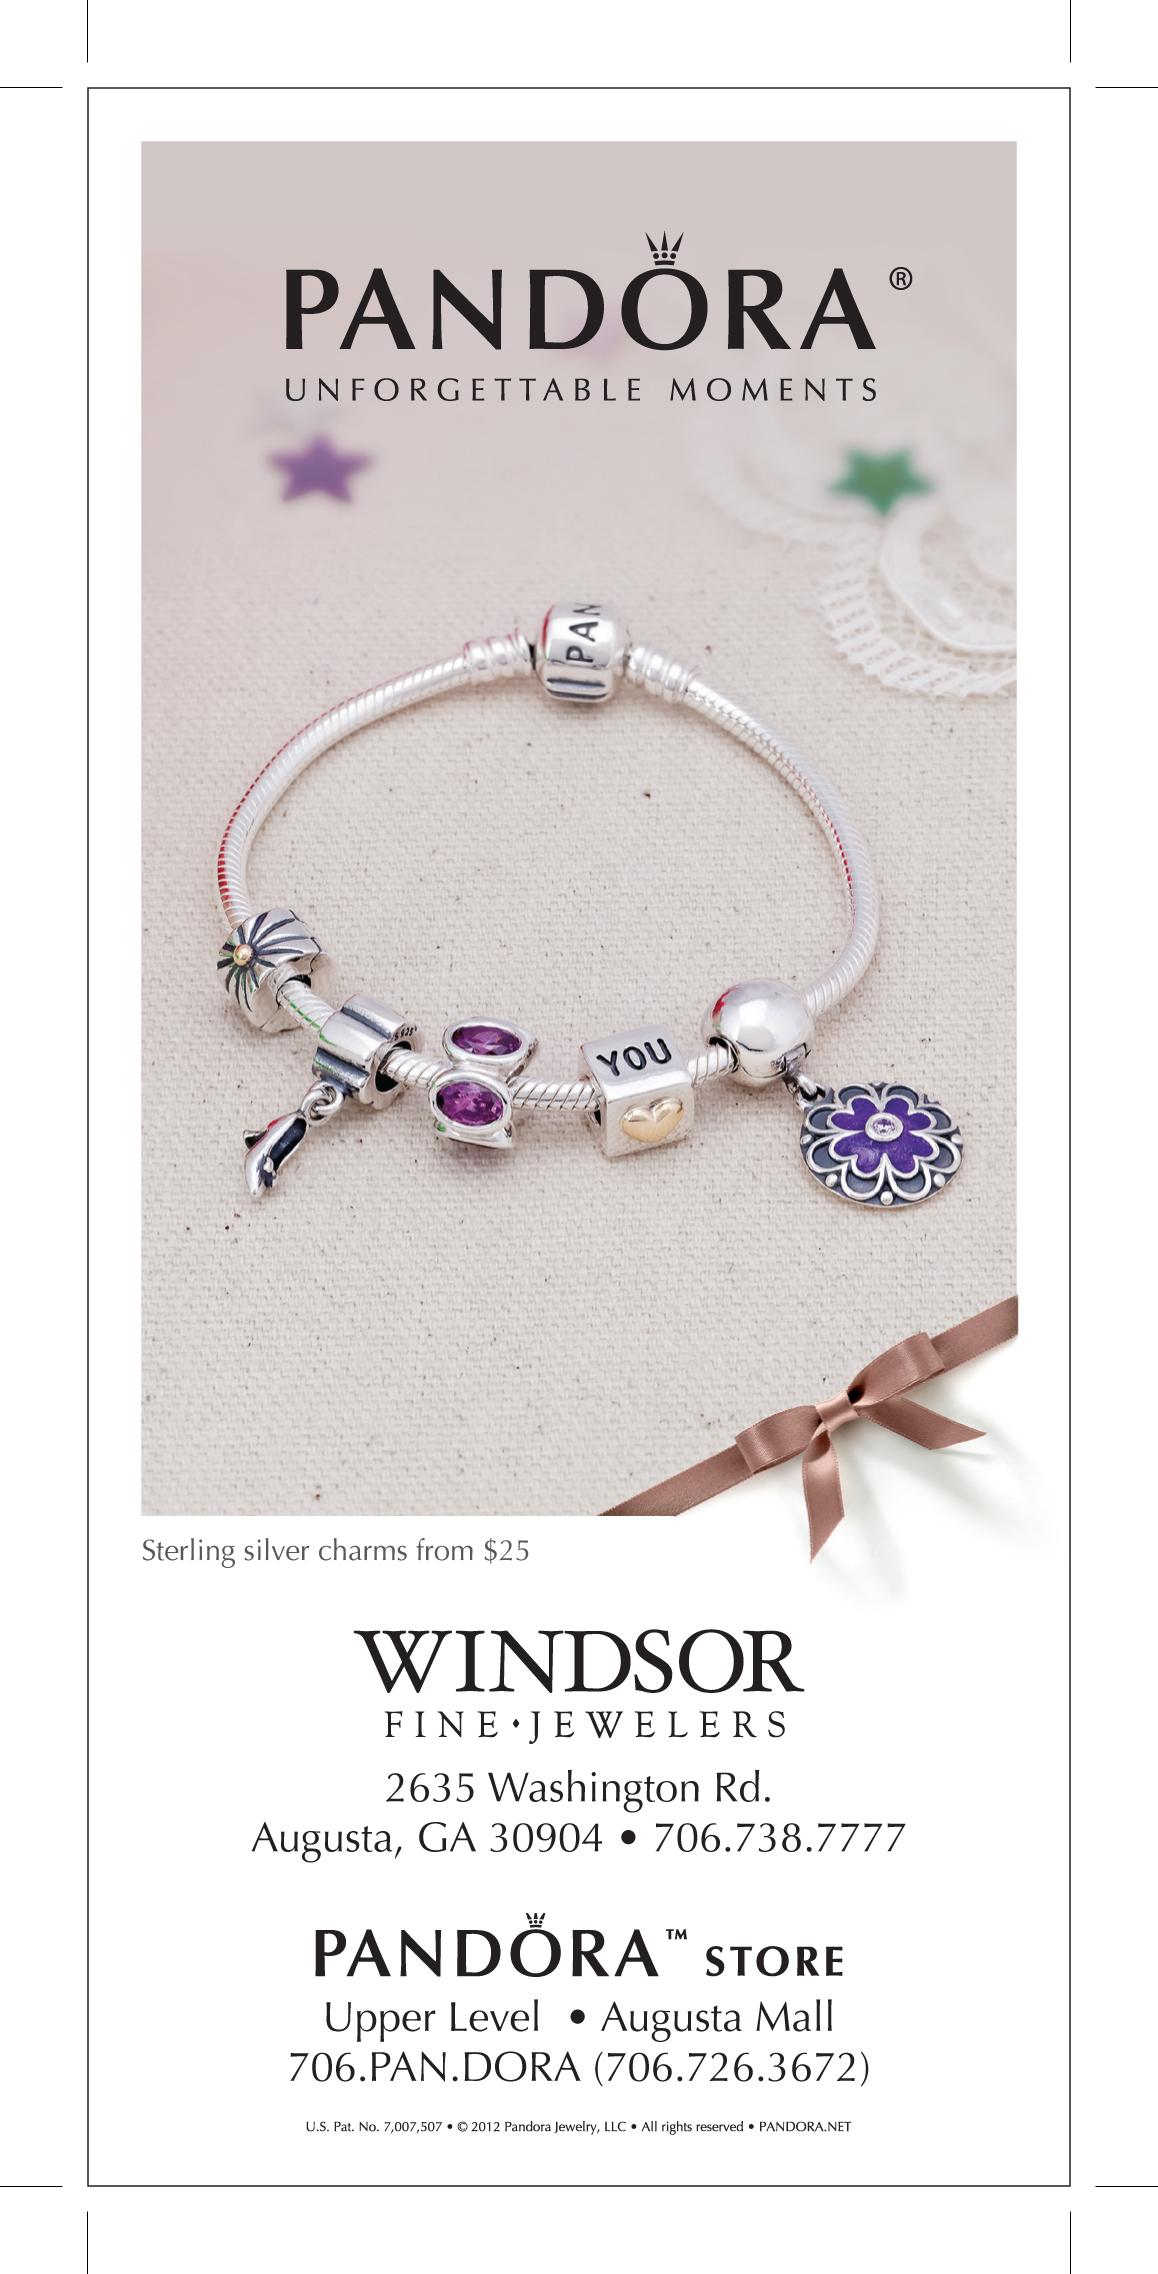 2014 September Windsor Fine Jewelers